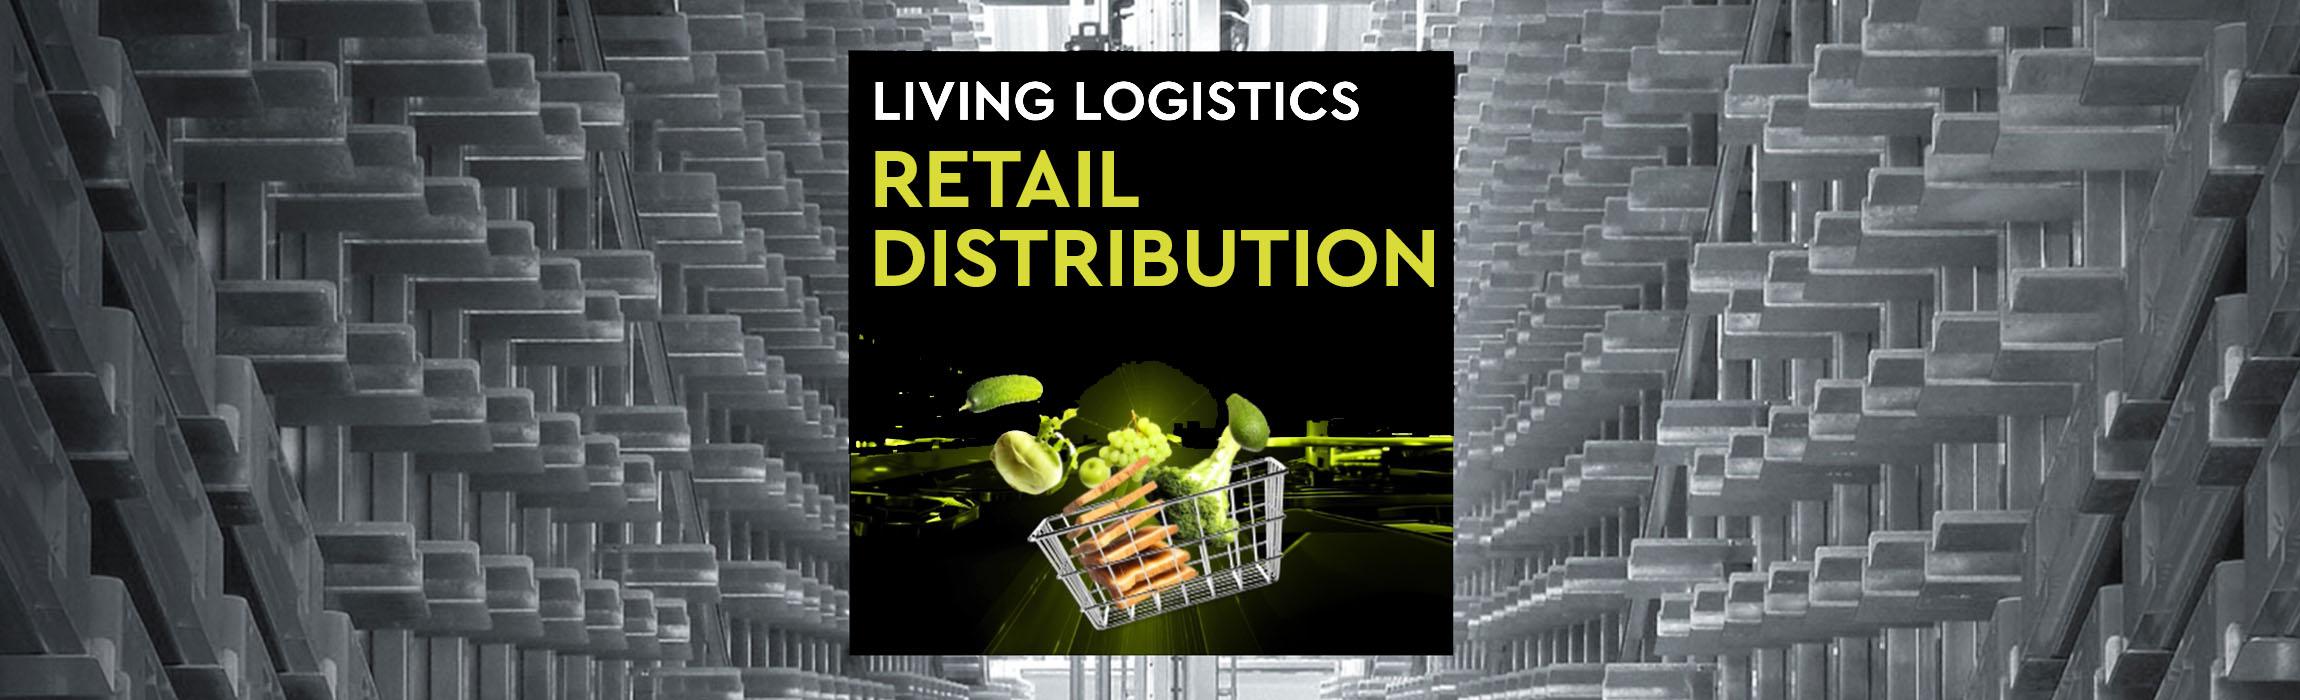 Einzelhandelsdistribution: die richtige Automatisierungslösung mit effizienter Technologie für Frisch- und Tiefkühlware